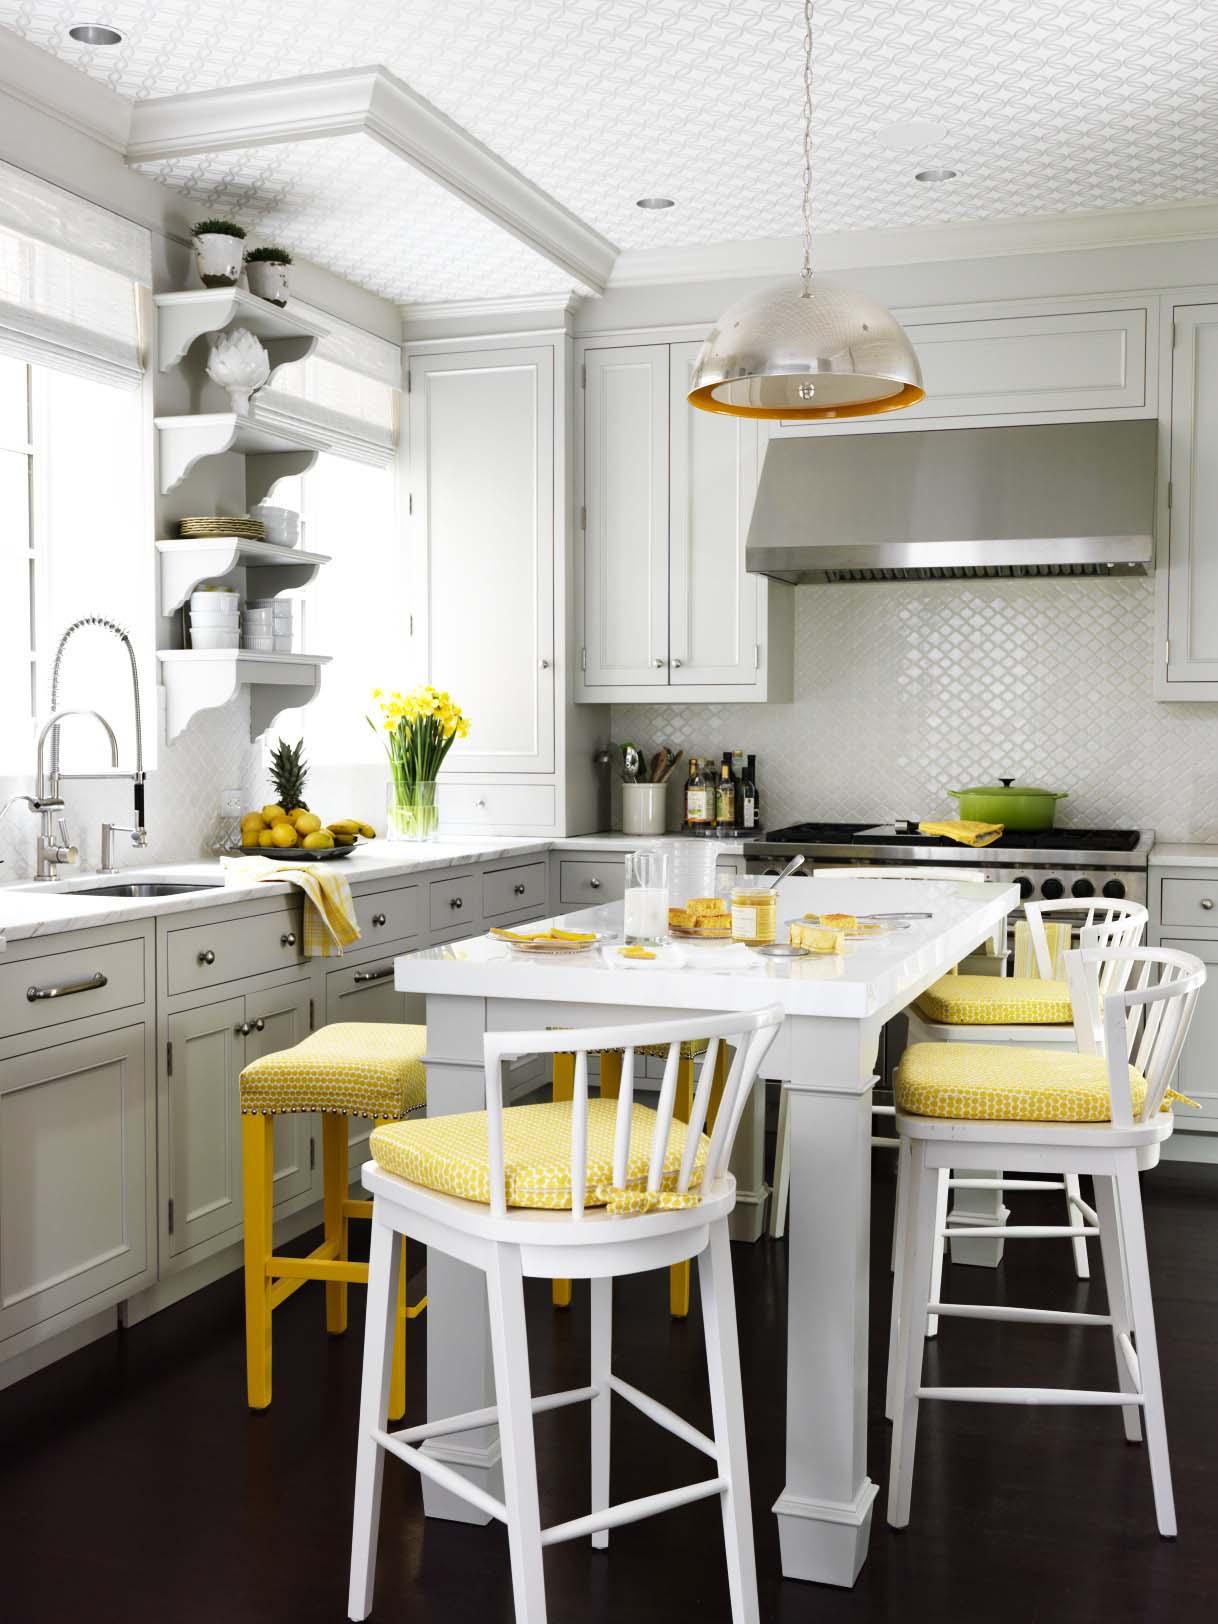 Kitchen_028.jpg